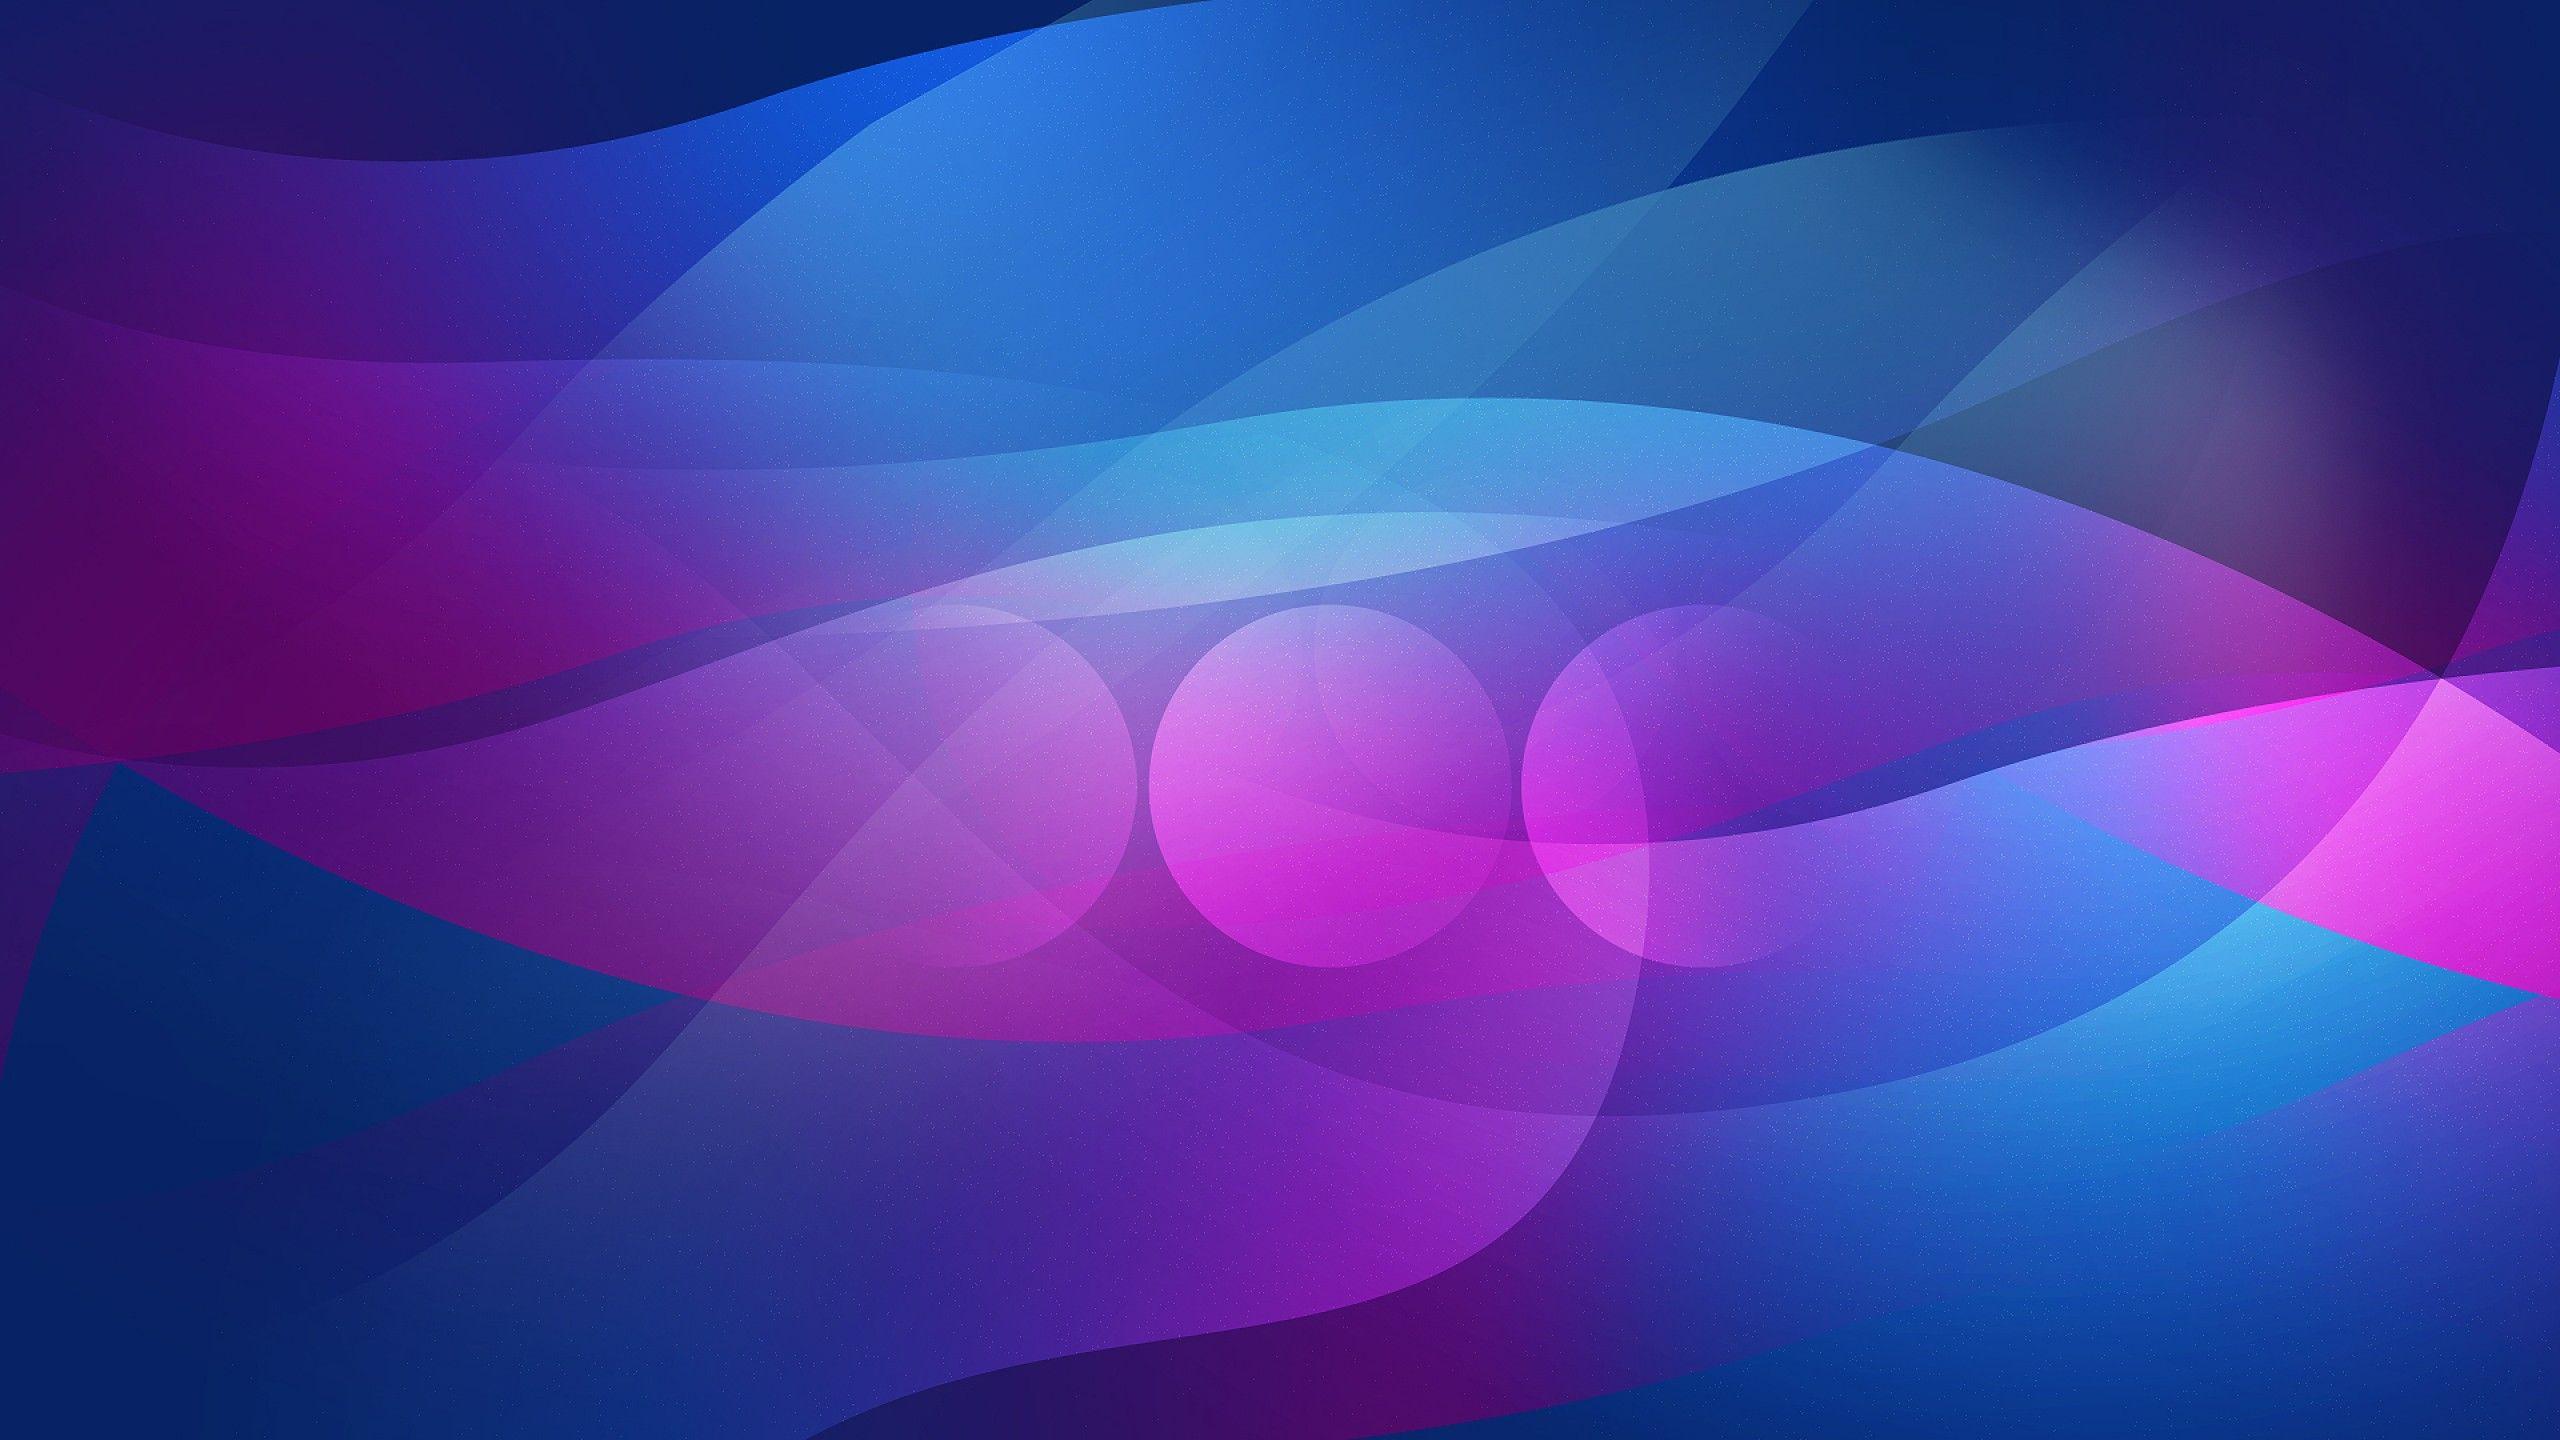 Ipad Wallpapers Beautiful Hires Ipad Wallpapers 2560 1440 Pink And Blue Wallpapers 45 Wallpapers Adorable Wallpapers Sfondi Iphone Sfondi Iphone